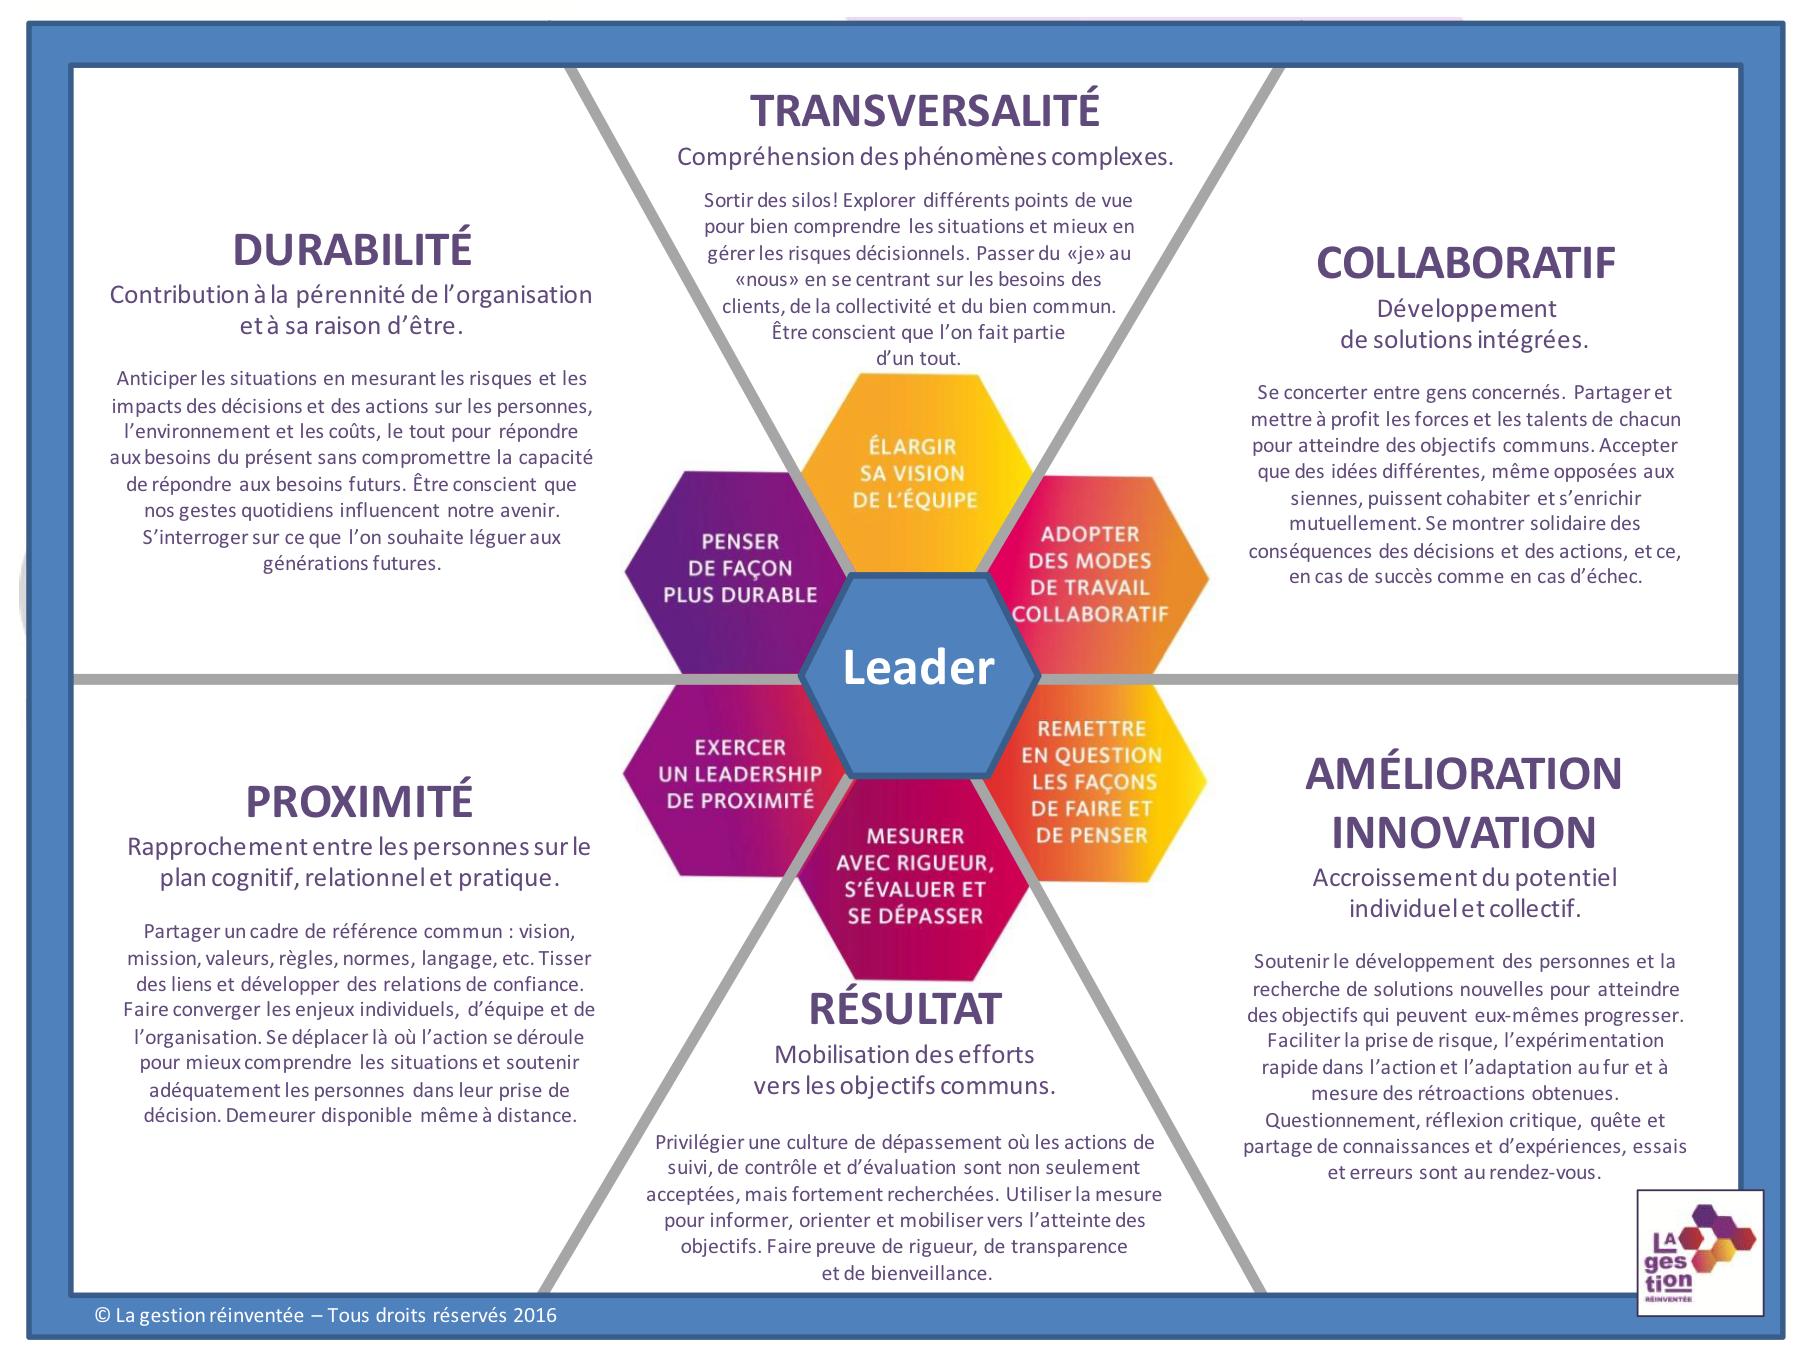 Le modèle de La gestion réinventée : six défis complémentaires et interdépendants